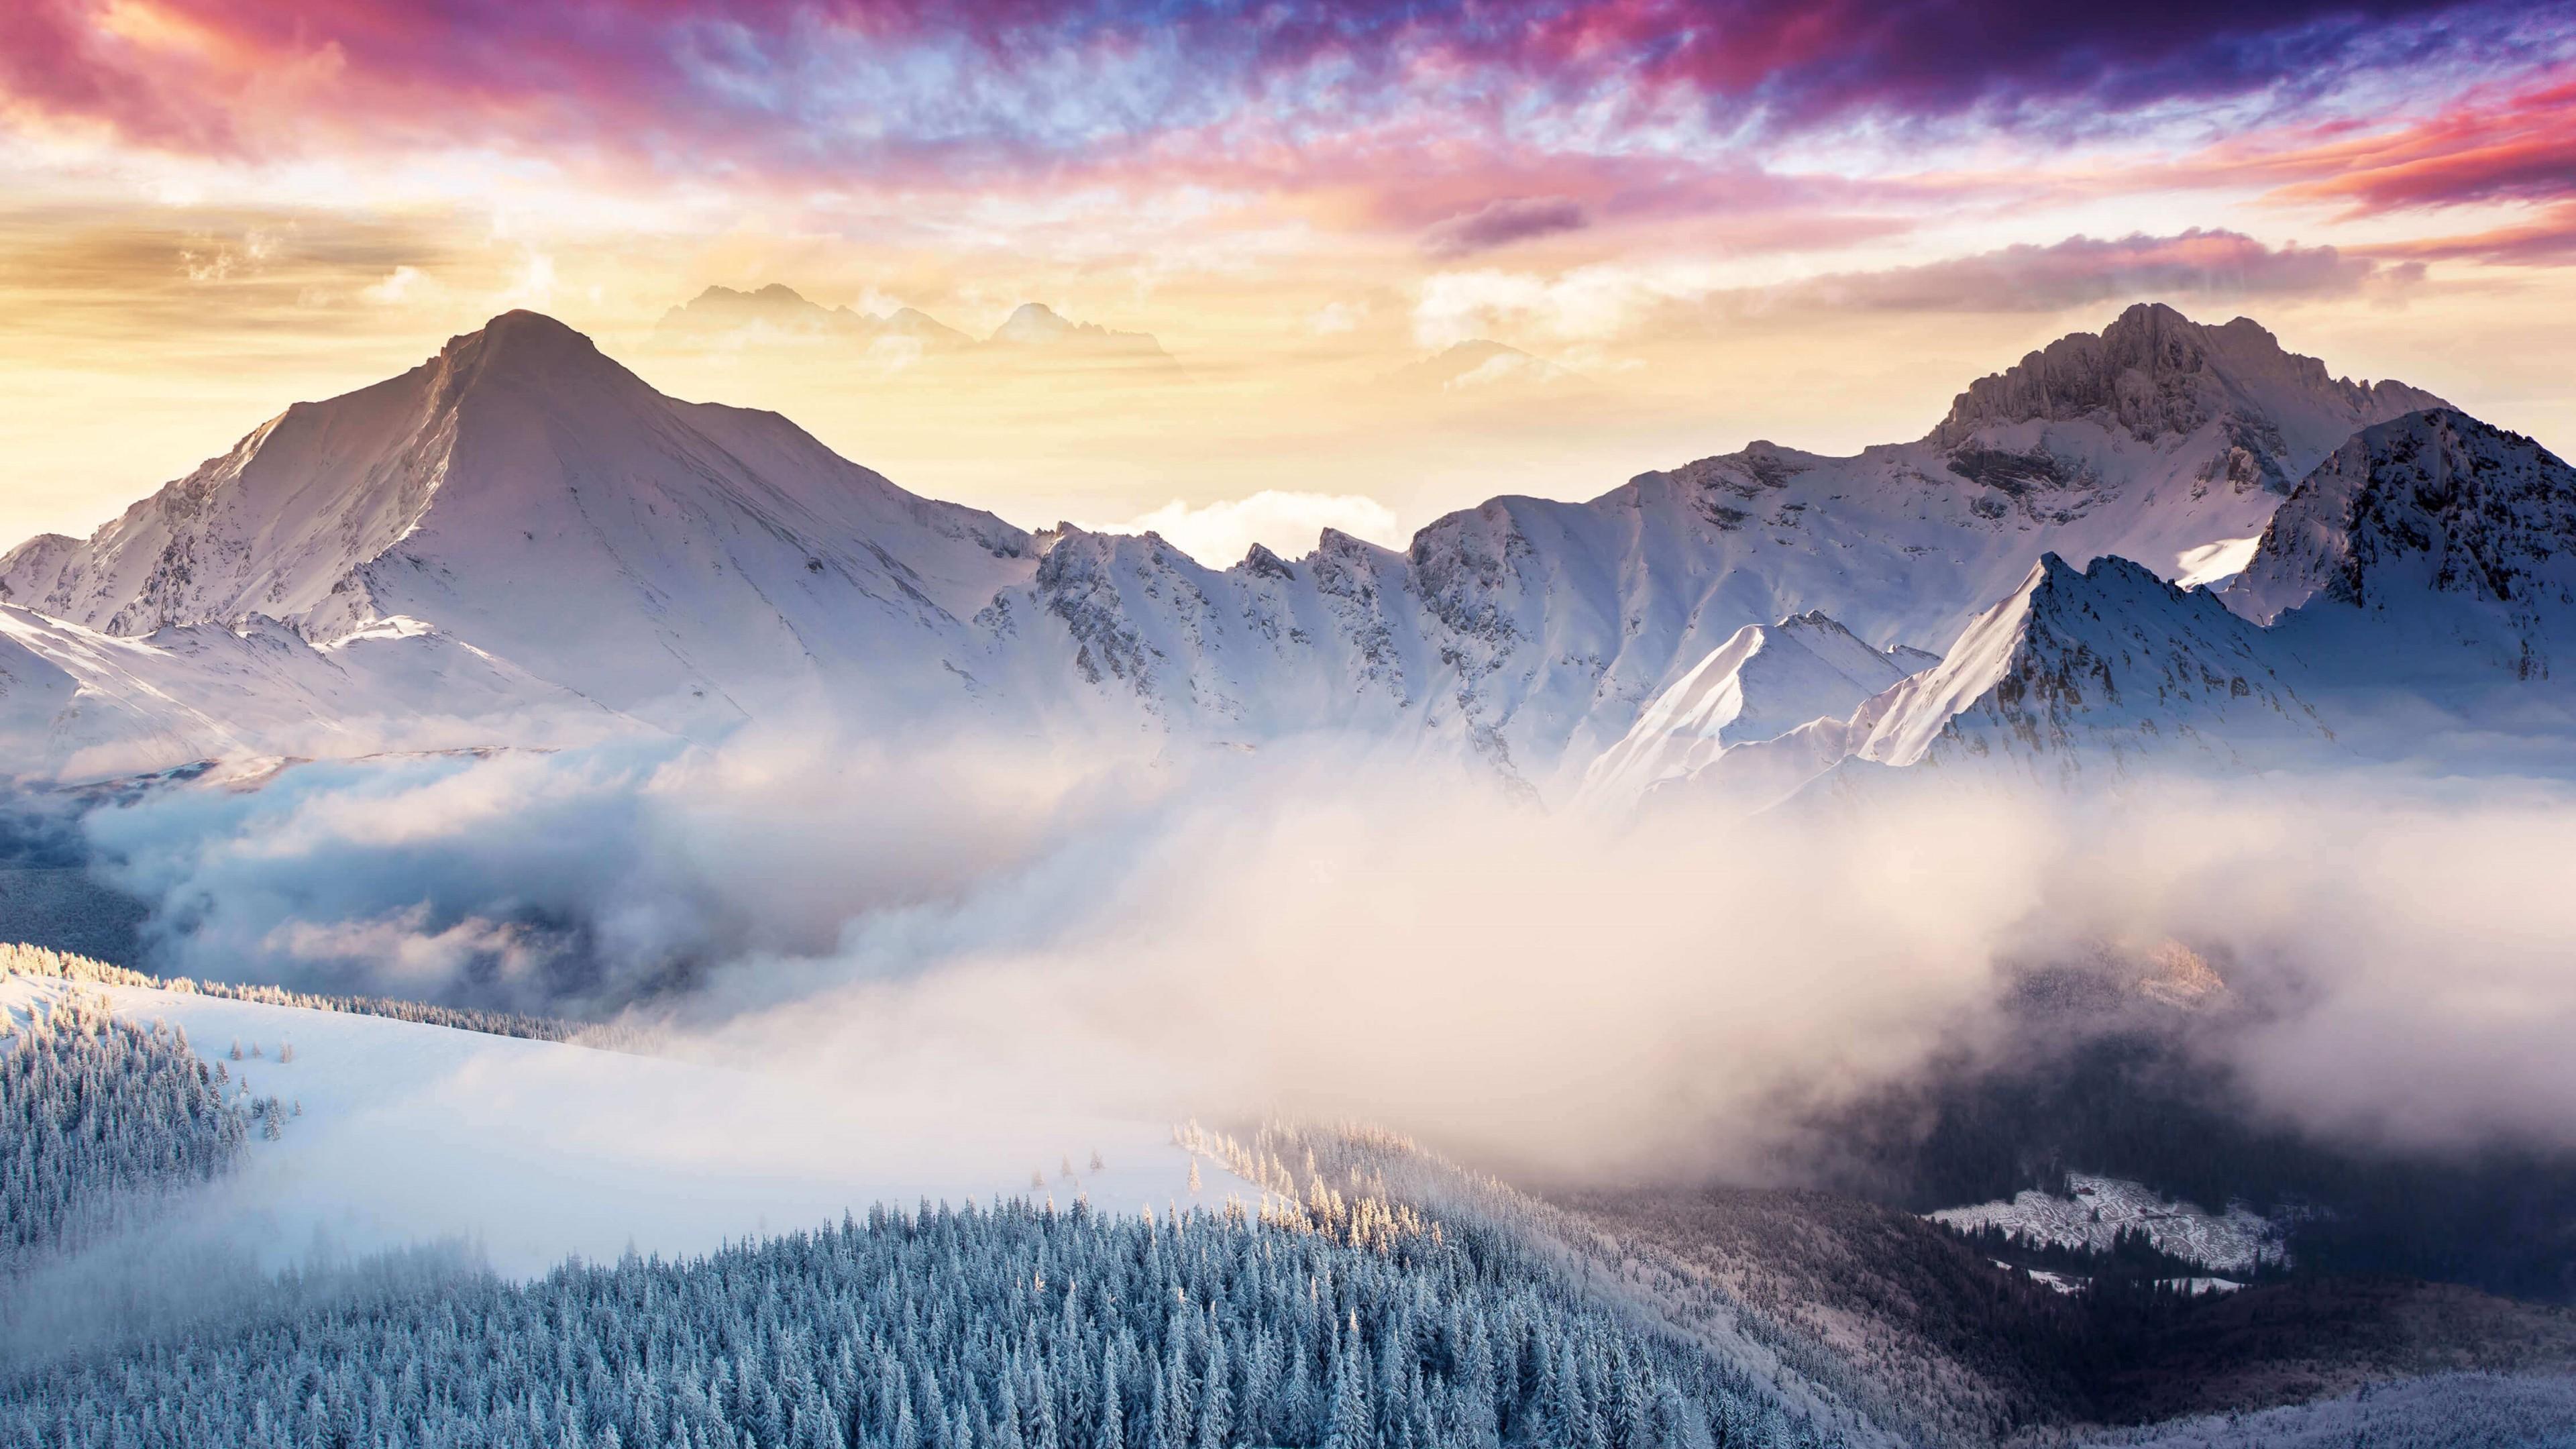 Montagne 4k Ultra Fond D Ecran Hd Arriere Plan 3840x2160 Id 960917 Wallpaper Abyss